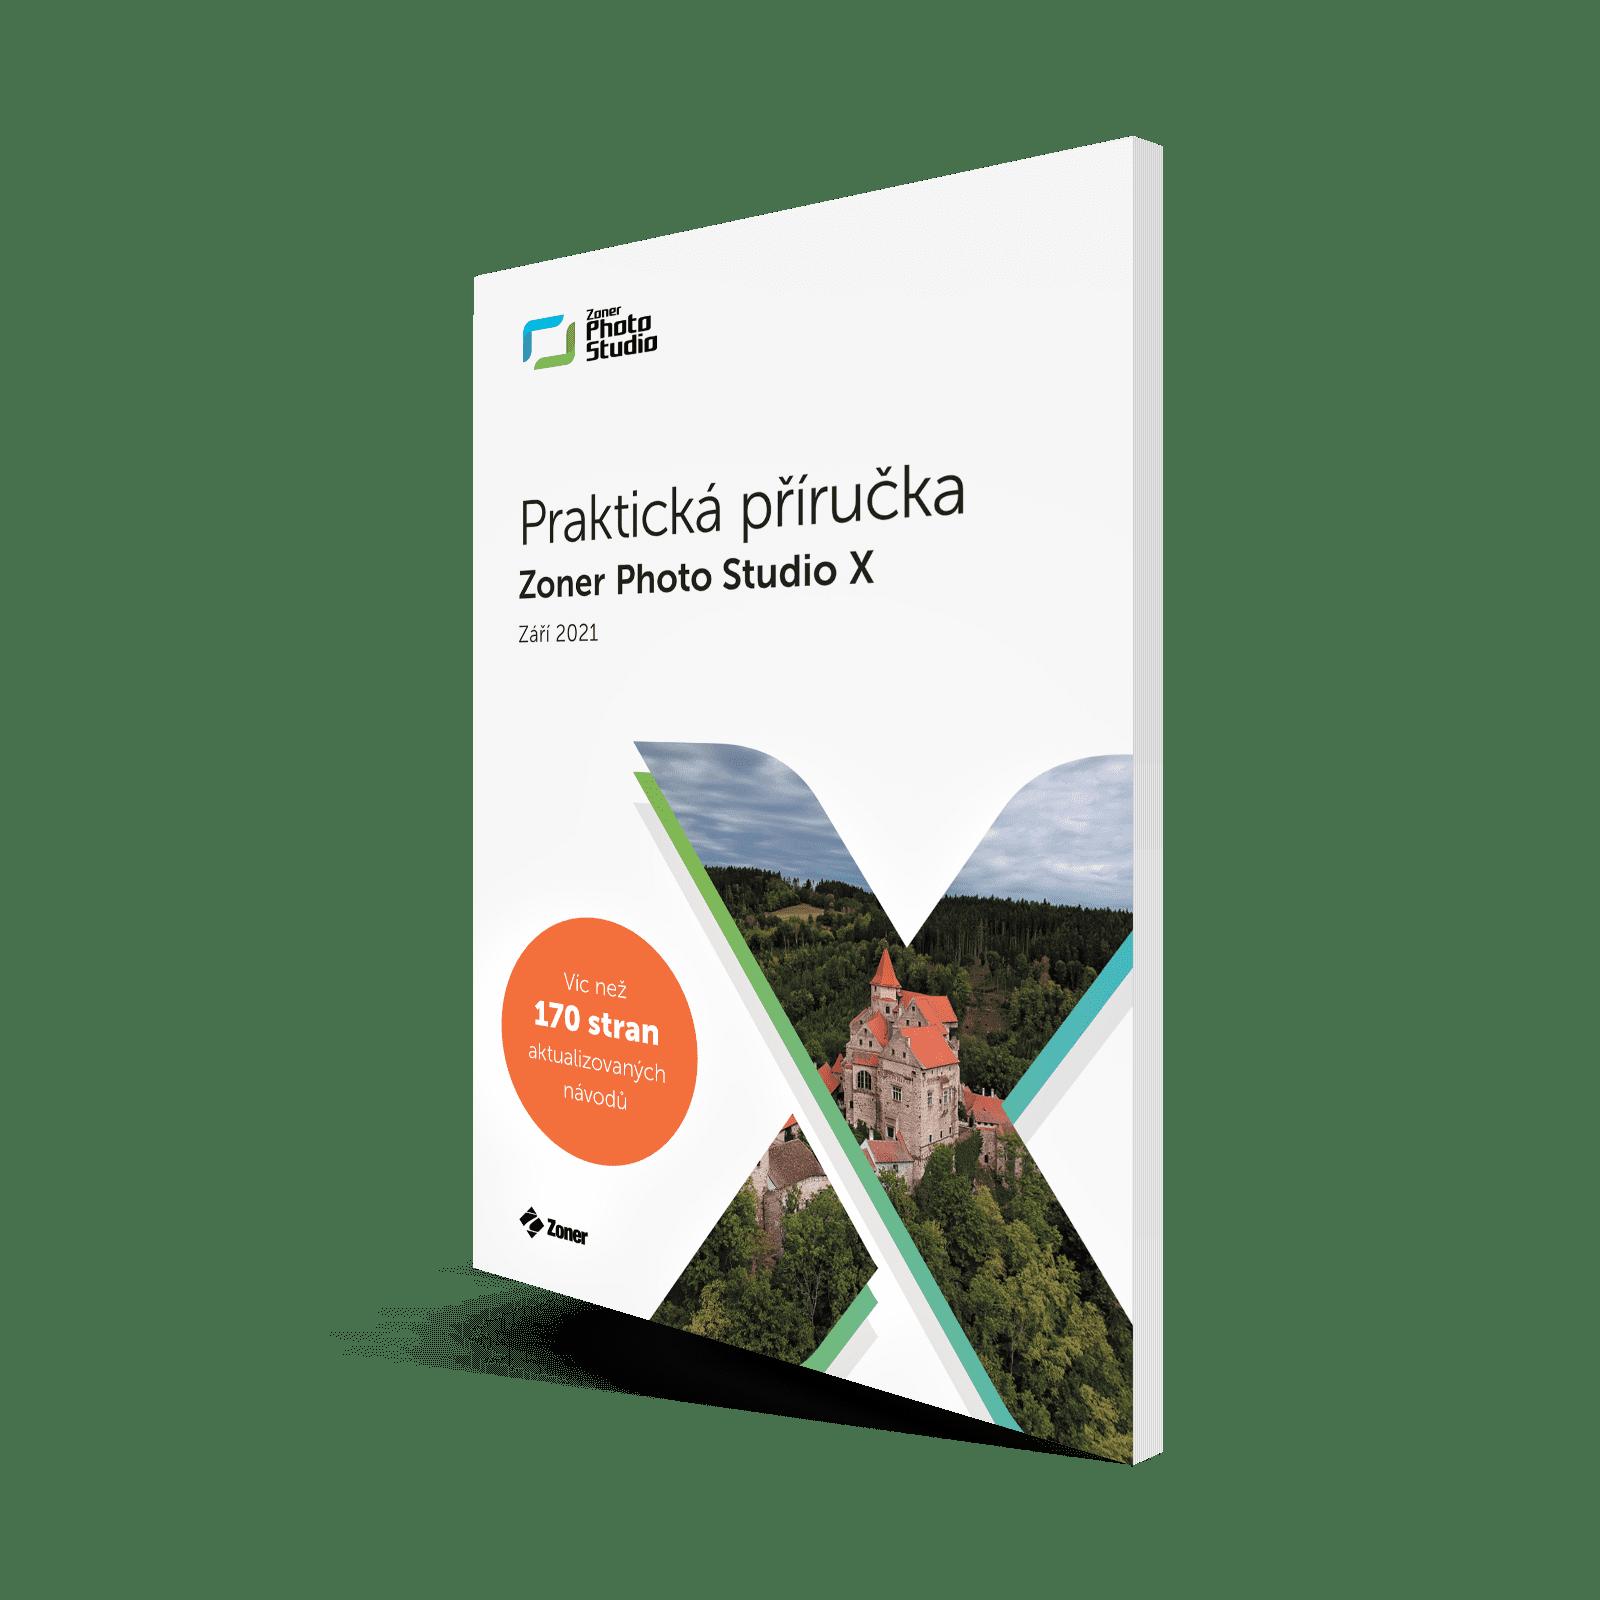 Praktická příručka ZPS X